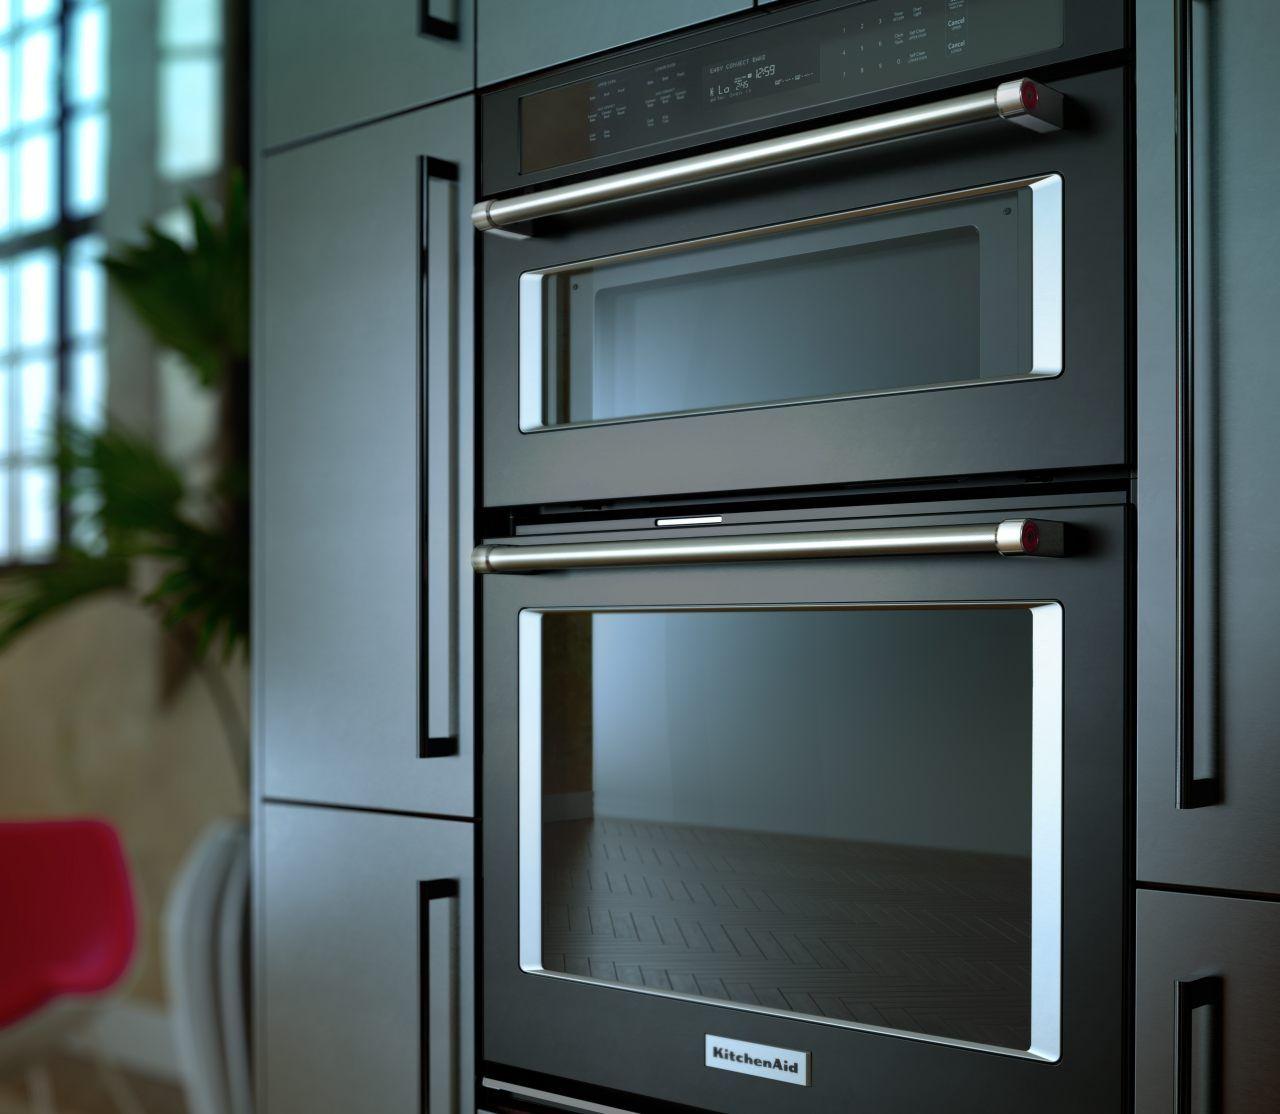 Dont guess kitchenaid inwall ovens convert